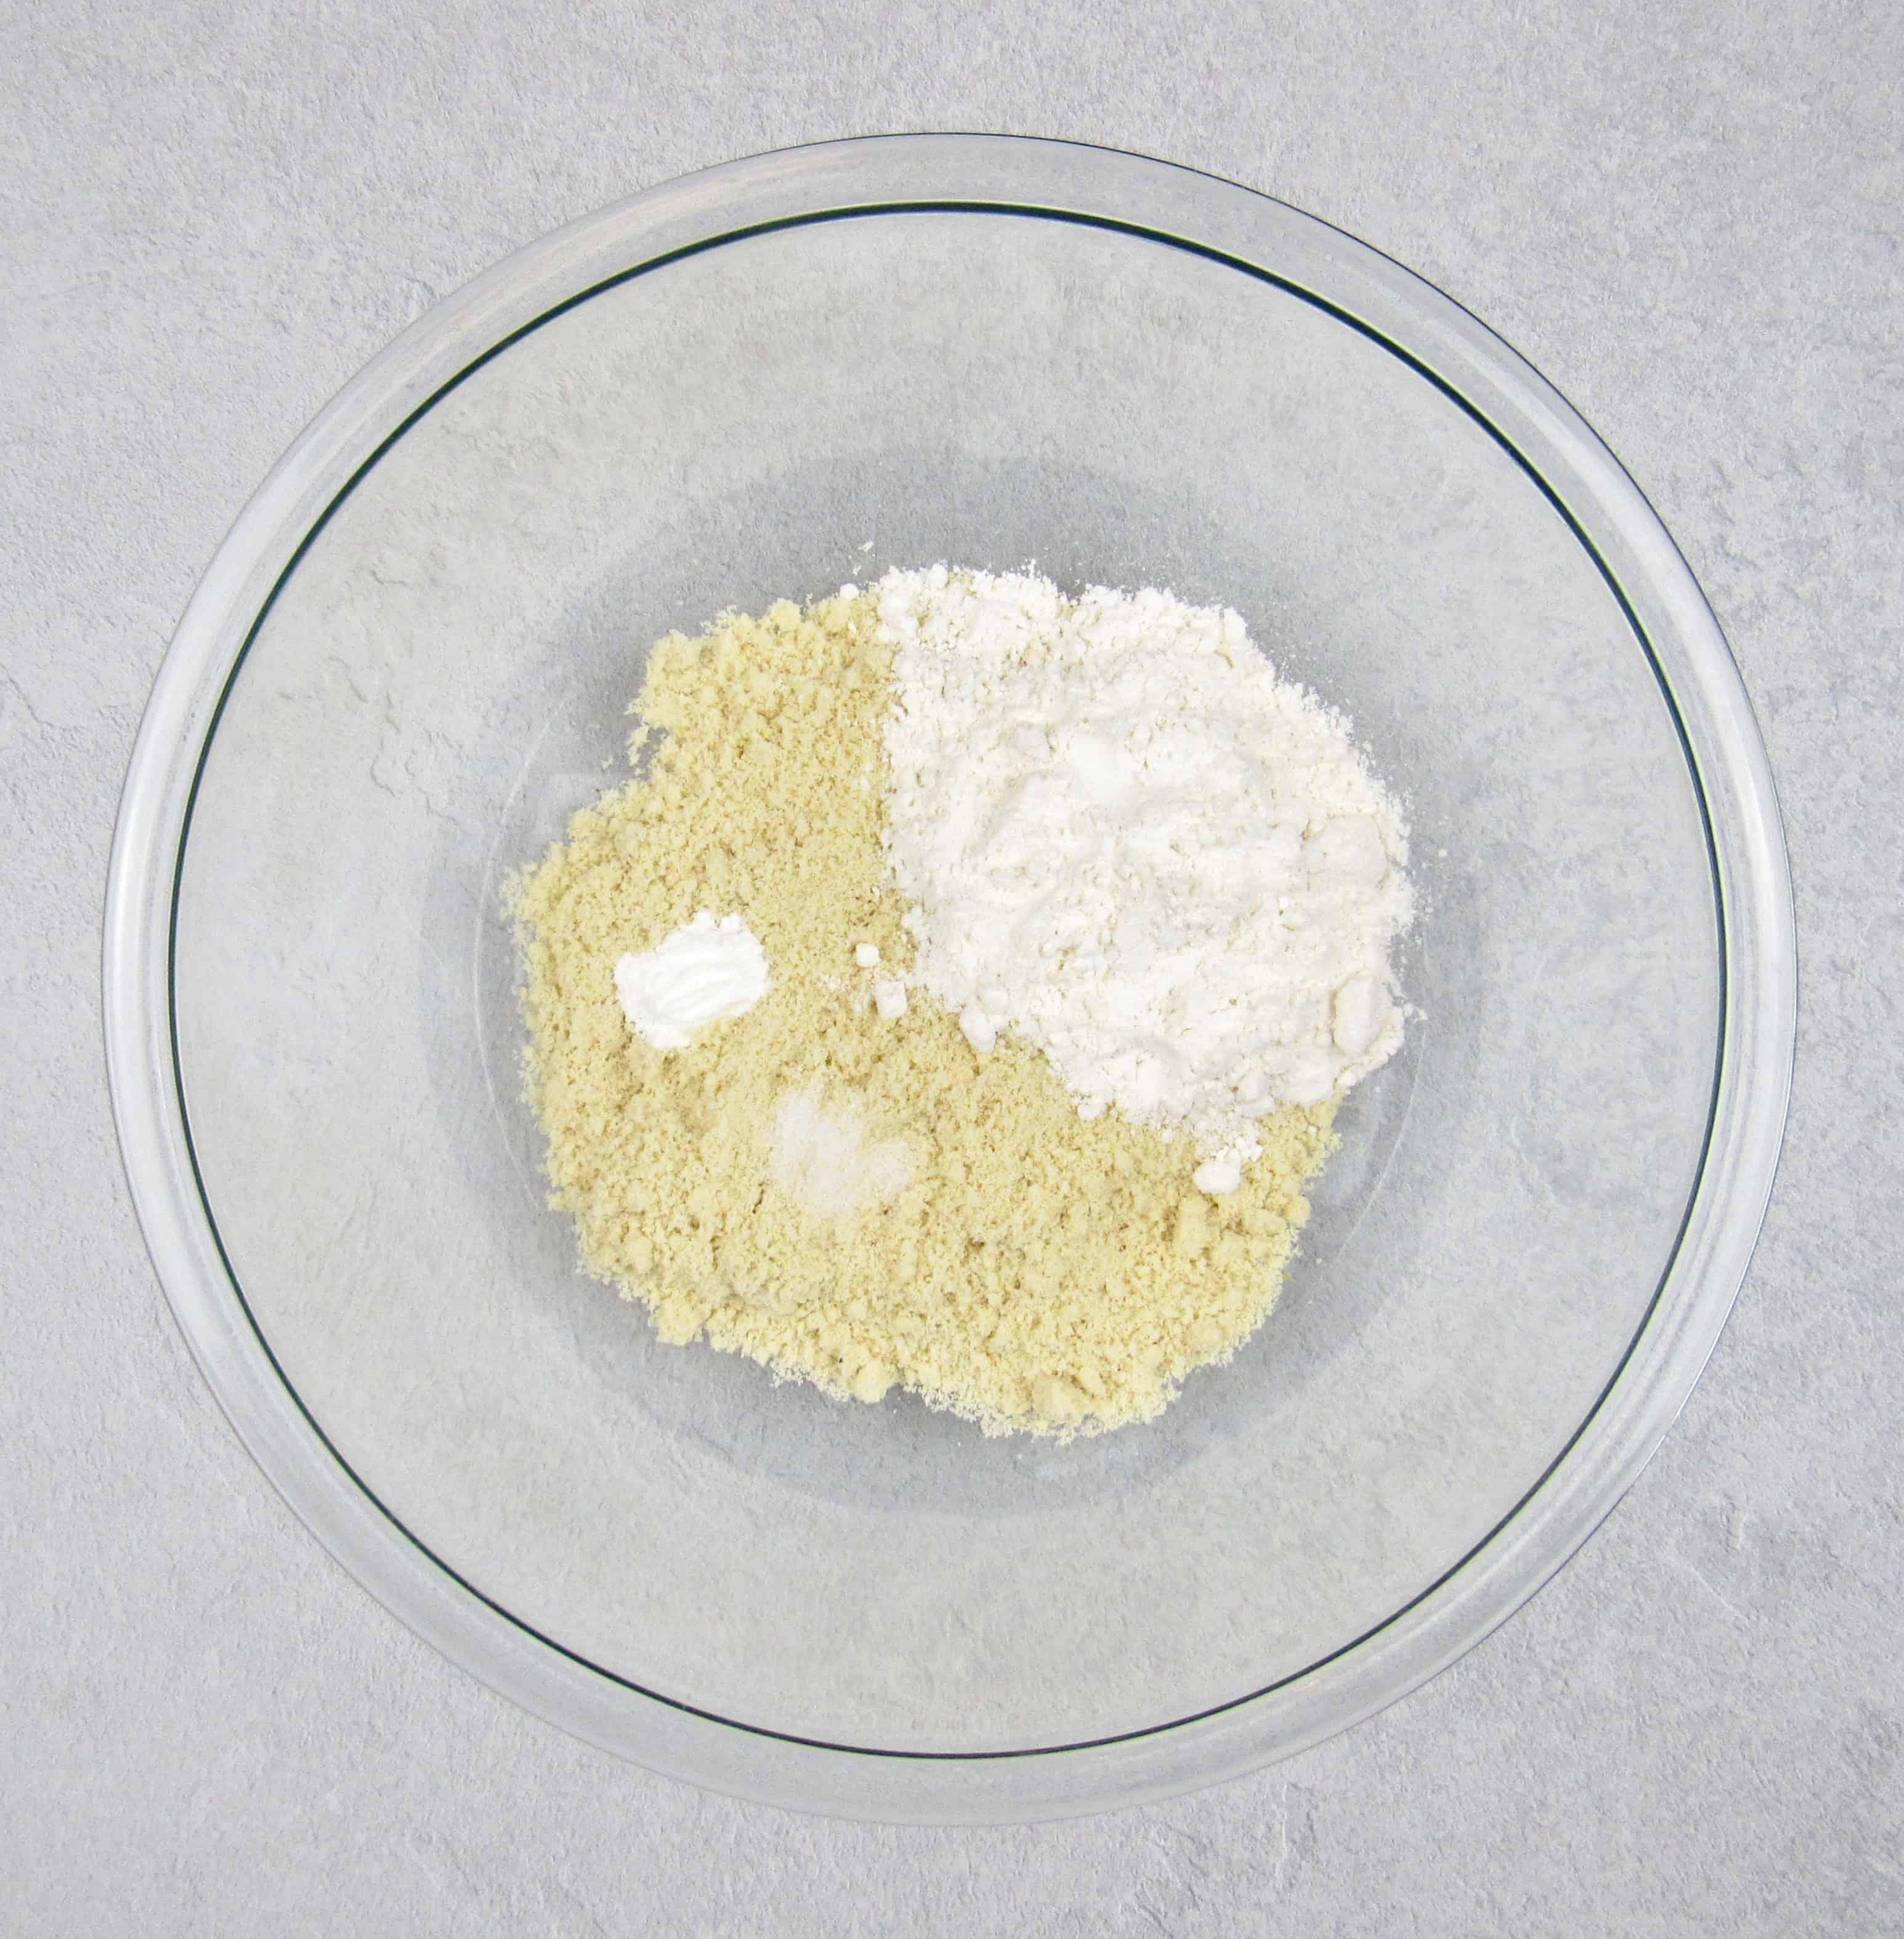 blueberry lemon scones dry mixture